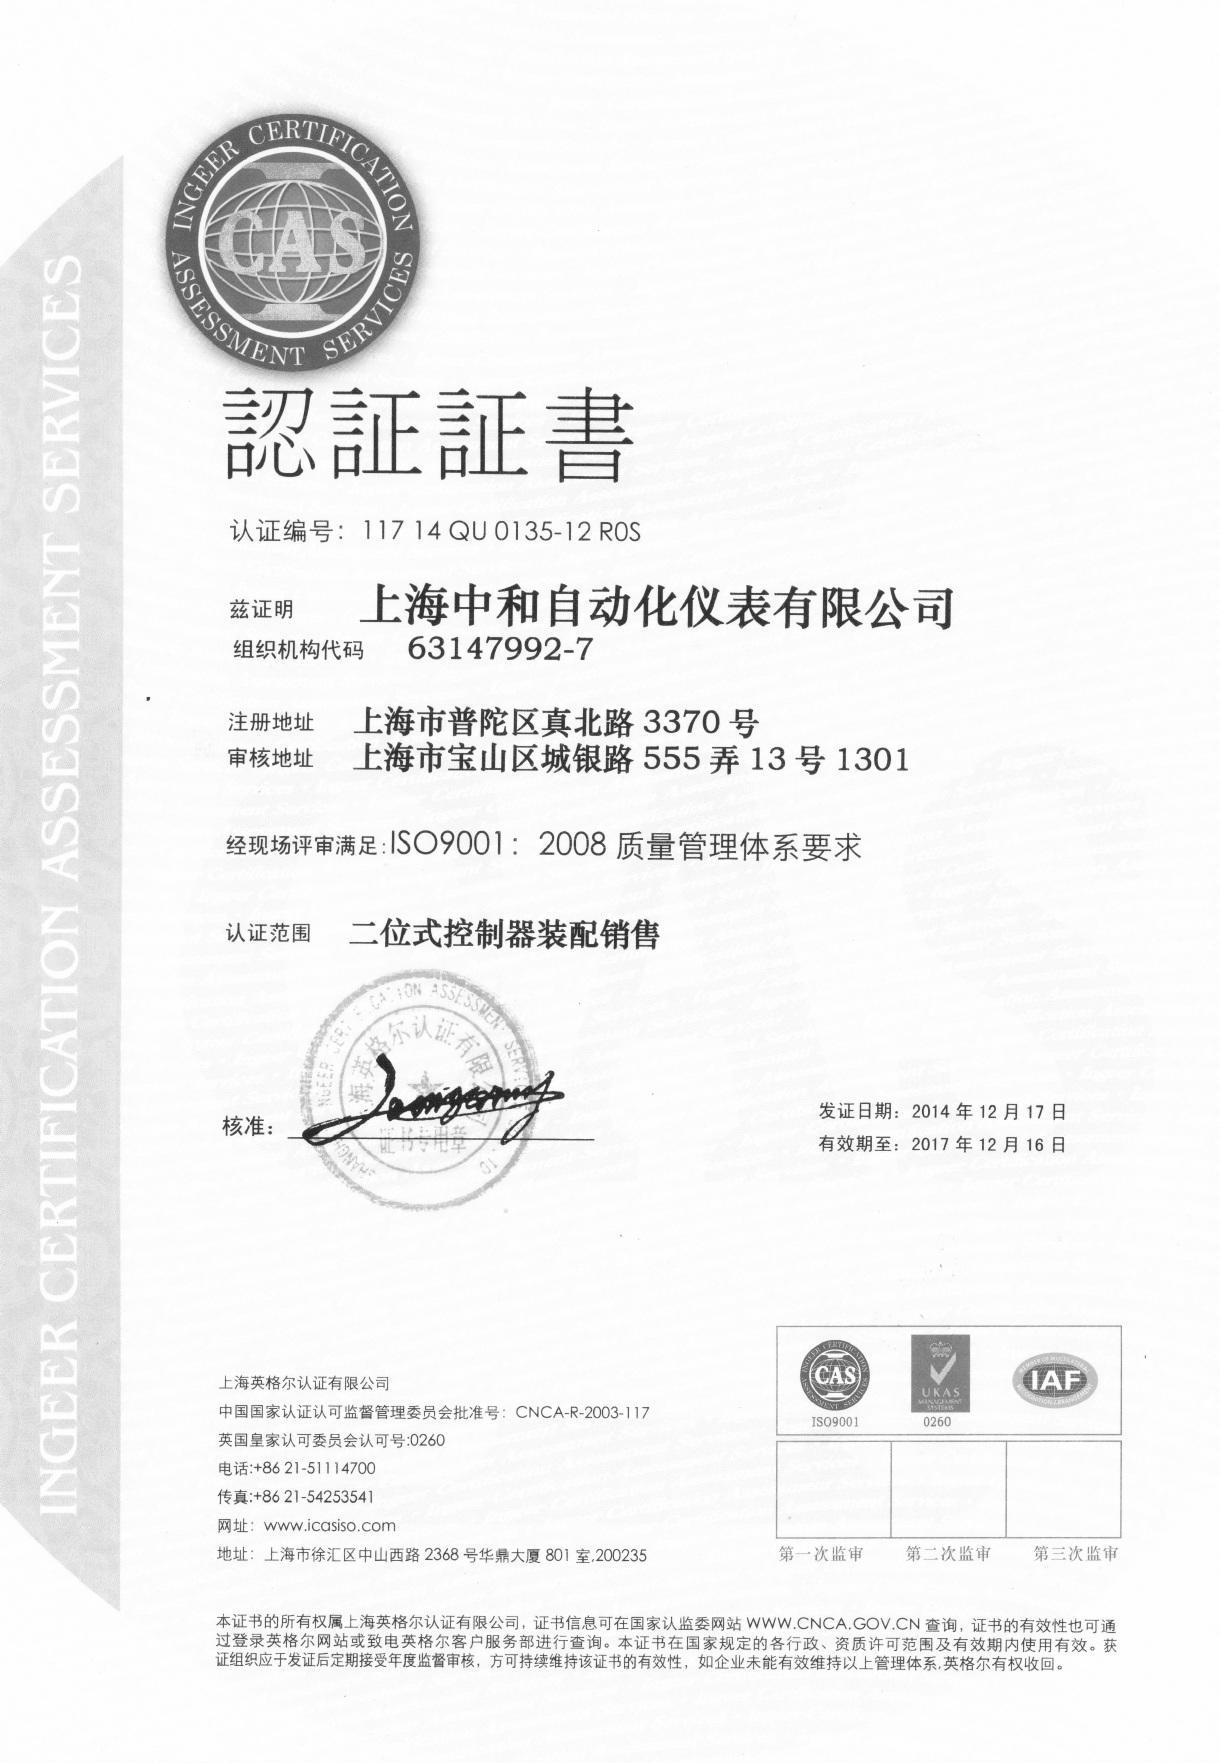 上海中和自动化仪表有限公司ISO9001认证.jpg